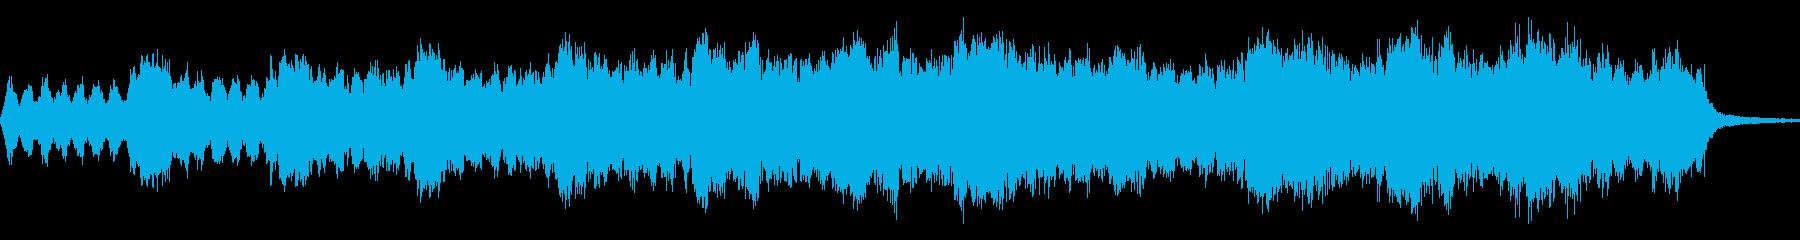 幻想的なシンセサイザー曲の再生済みの波形